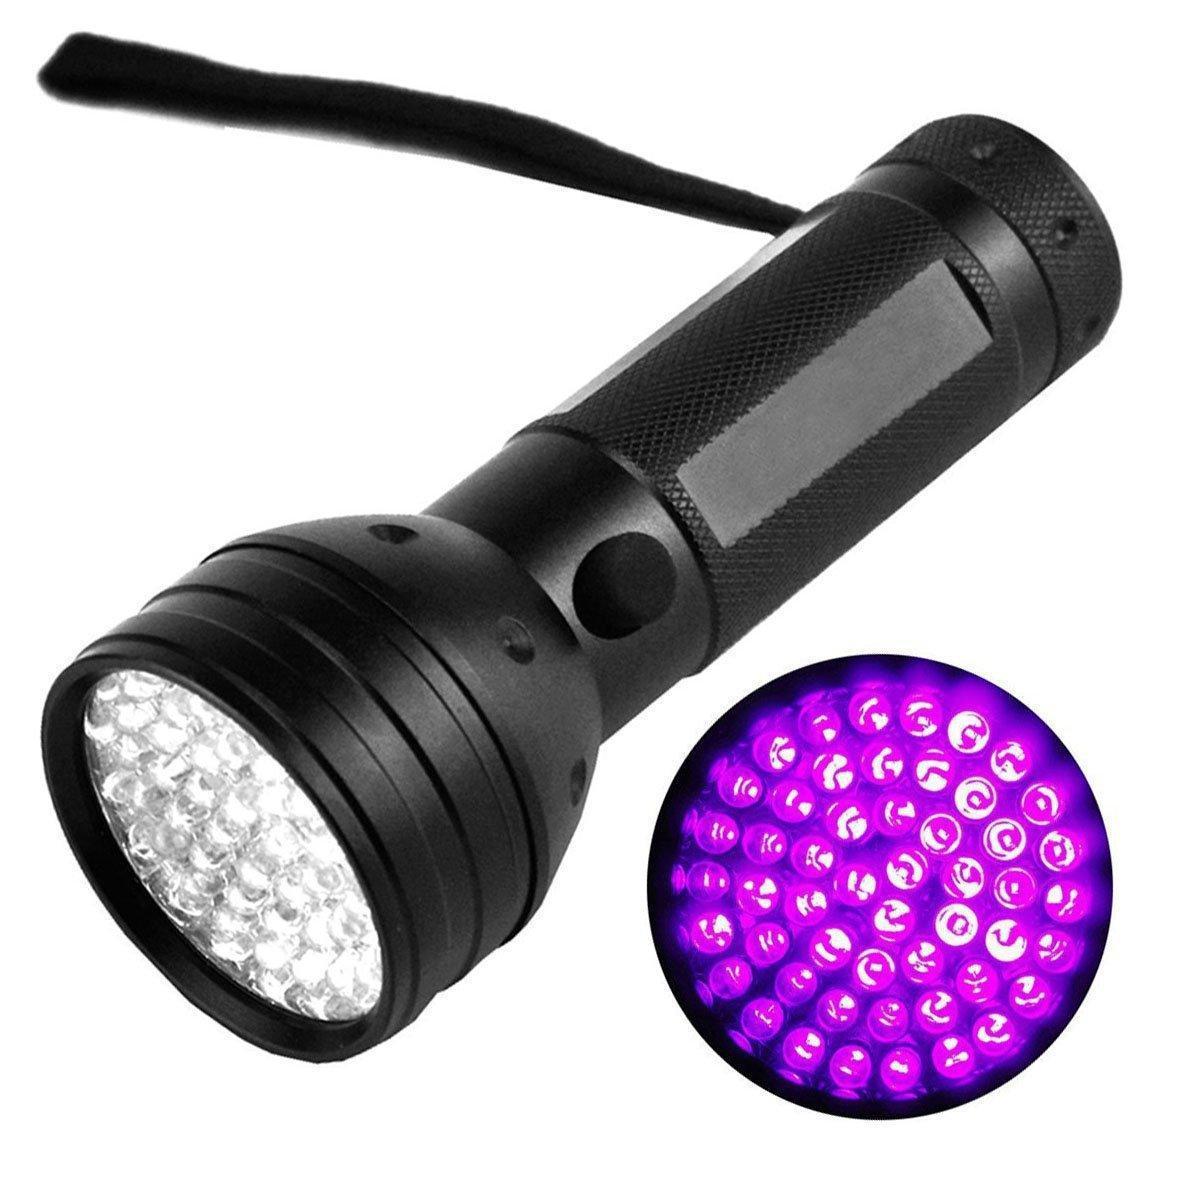 UV torcia Led 51 Led 395nm Viola Torcia della luce della lampada Blacklight Rilevatore di urina del cane Pet macchie e Bed Bug Torcia CCA11473 30pcs